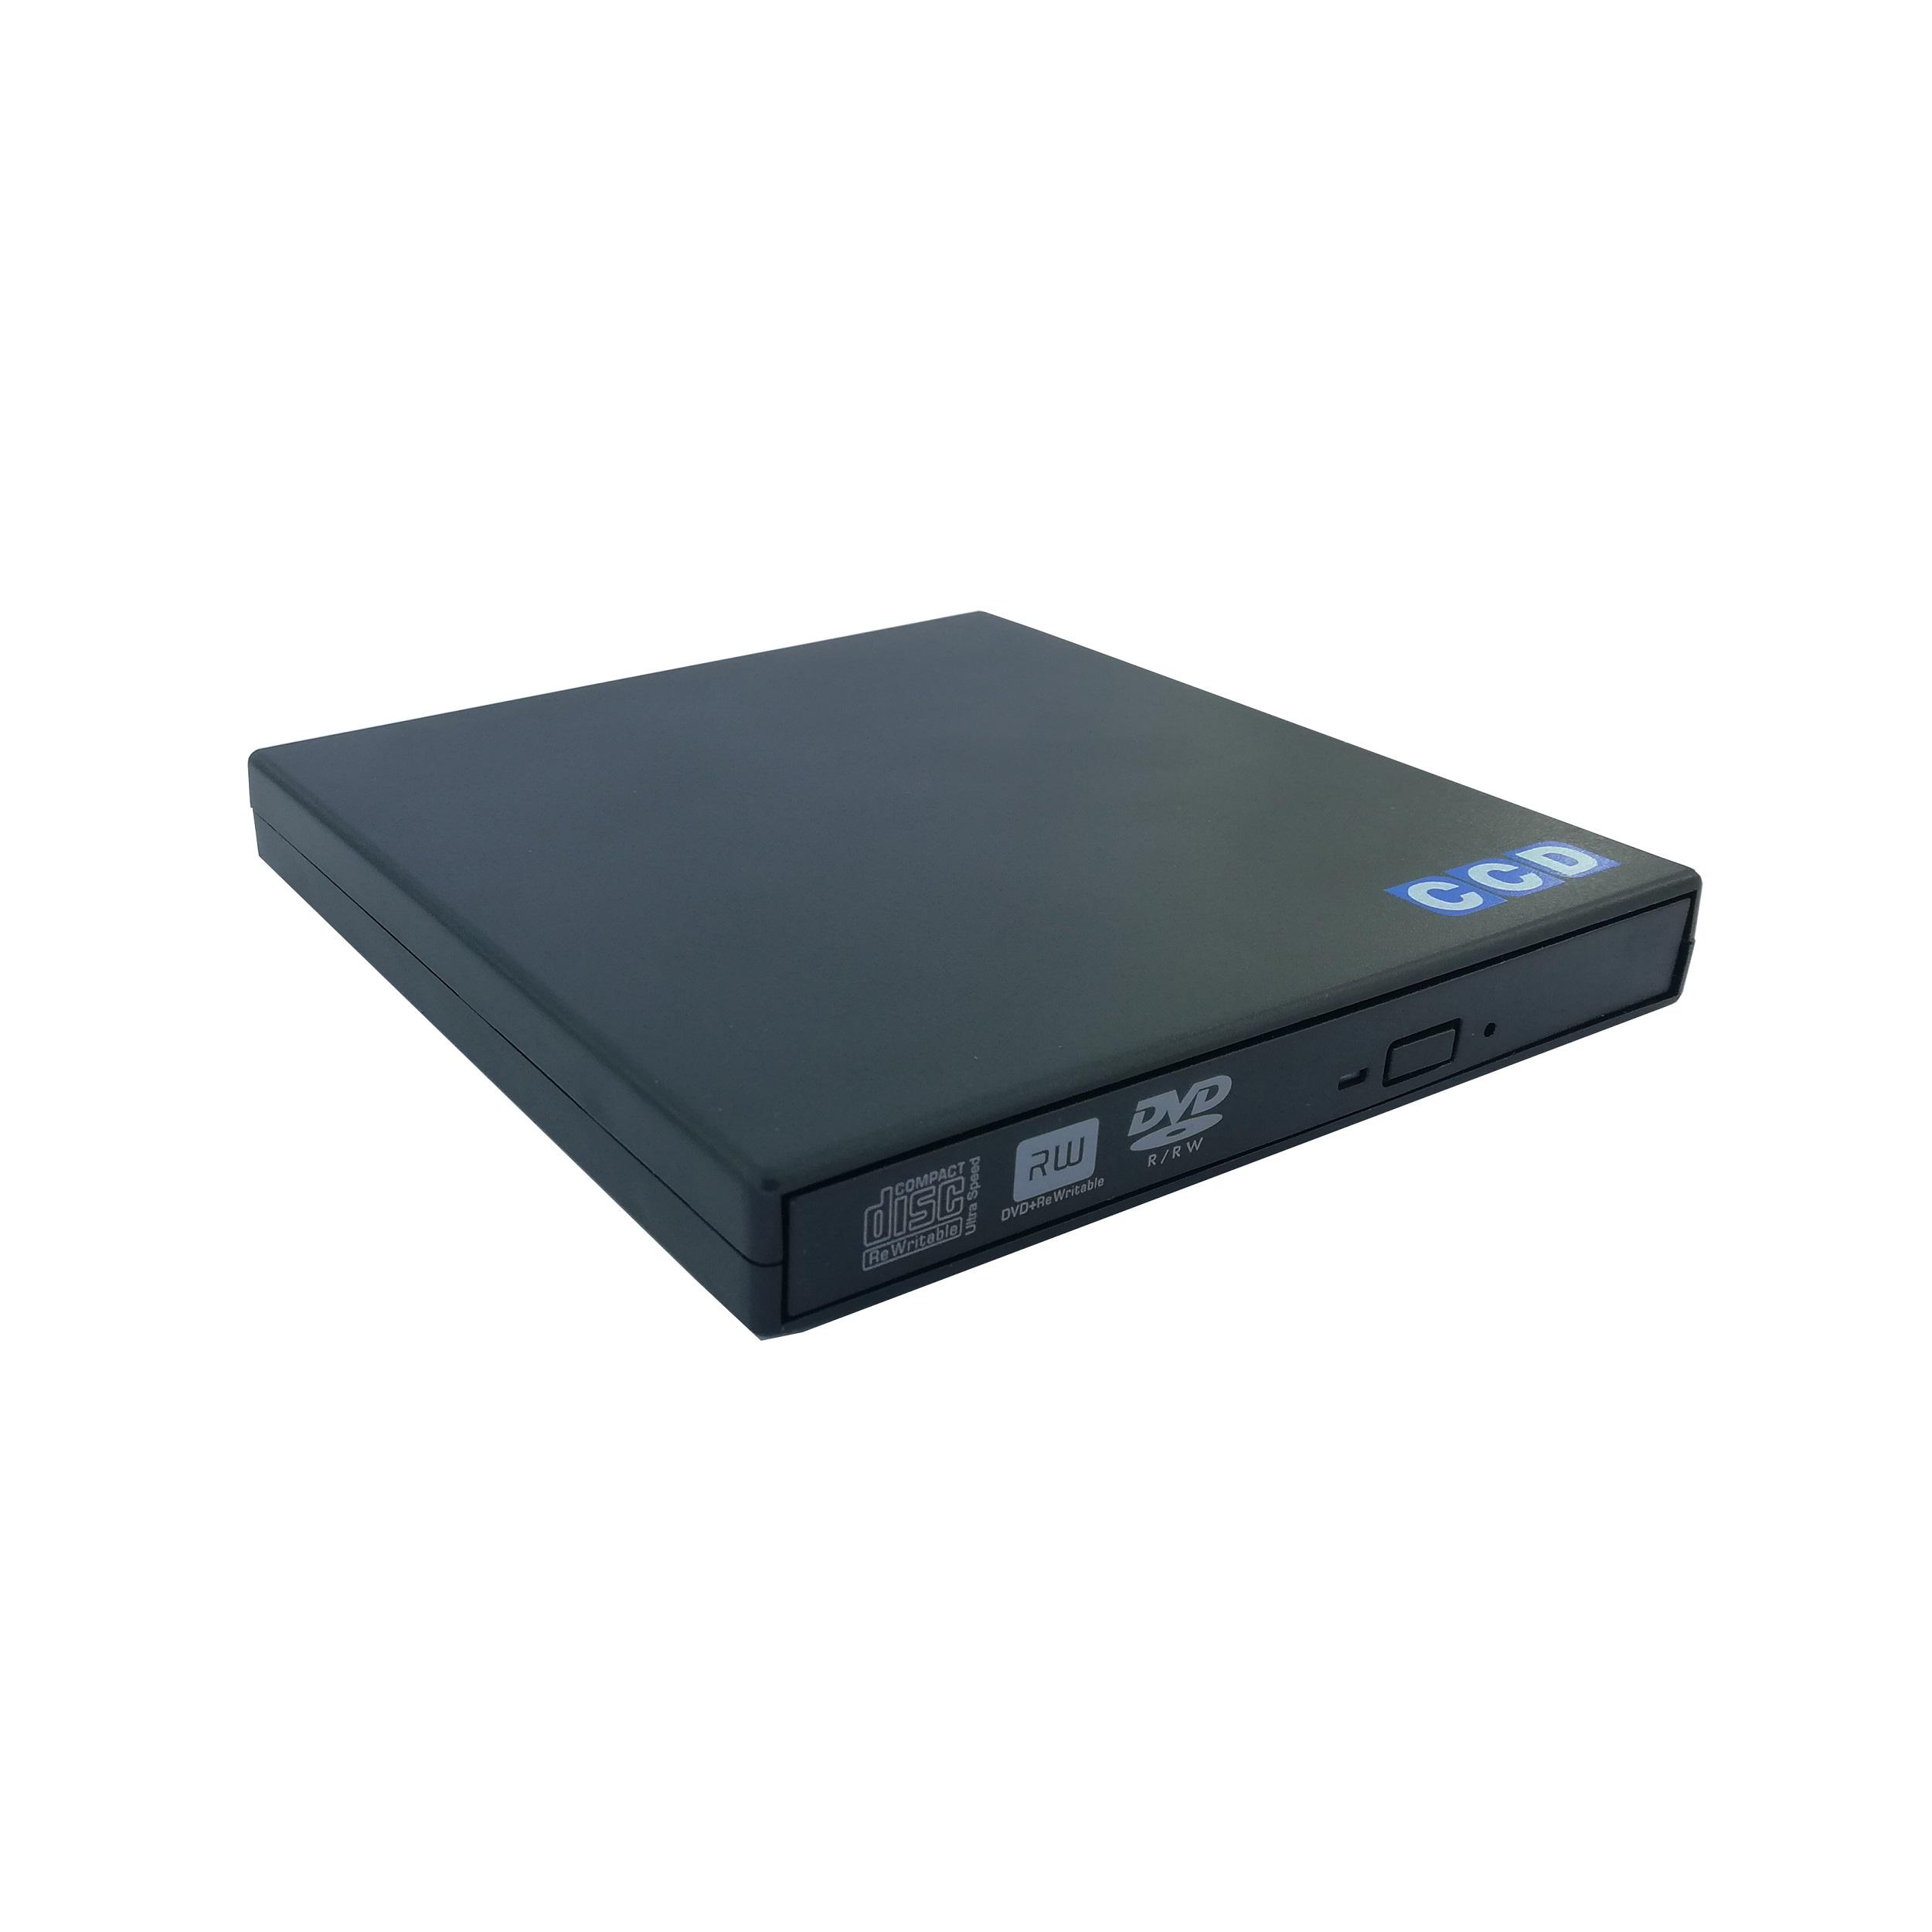 درایور DVD اکسترنال سی سی دی مدل sku-302